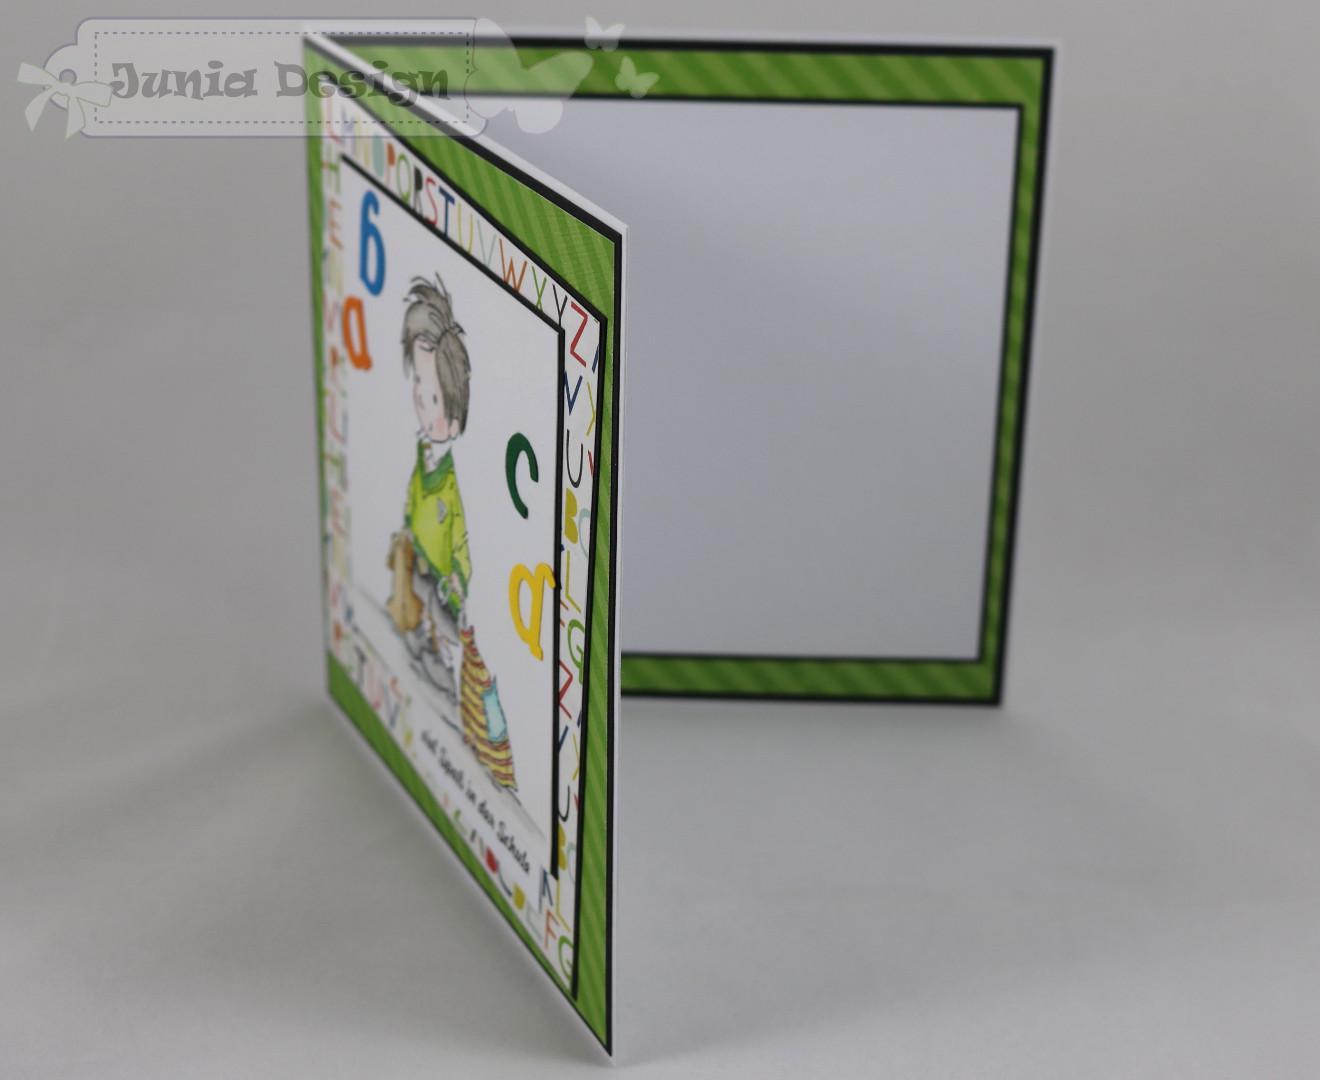 Karte Zur Einschulung.Junia Design Schulanfang Karte Zur Einschulung Buchstaben